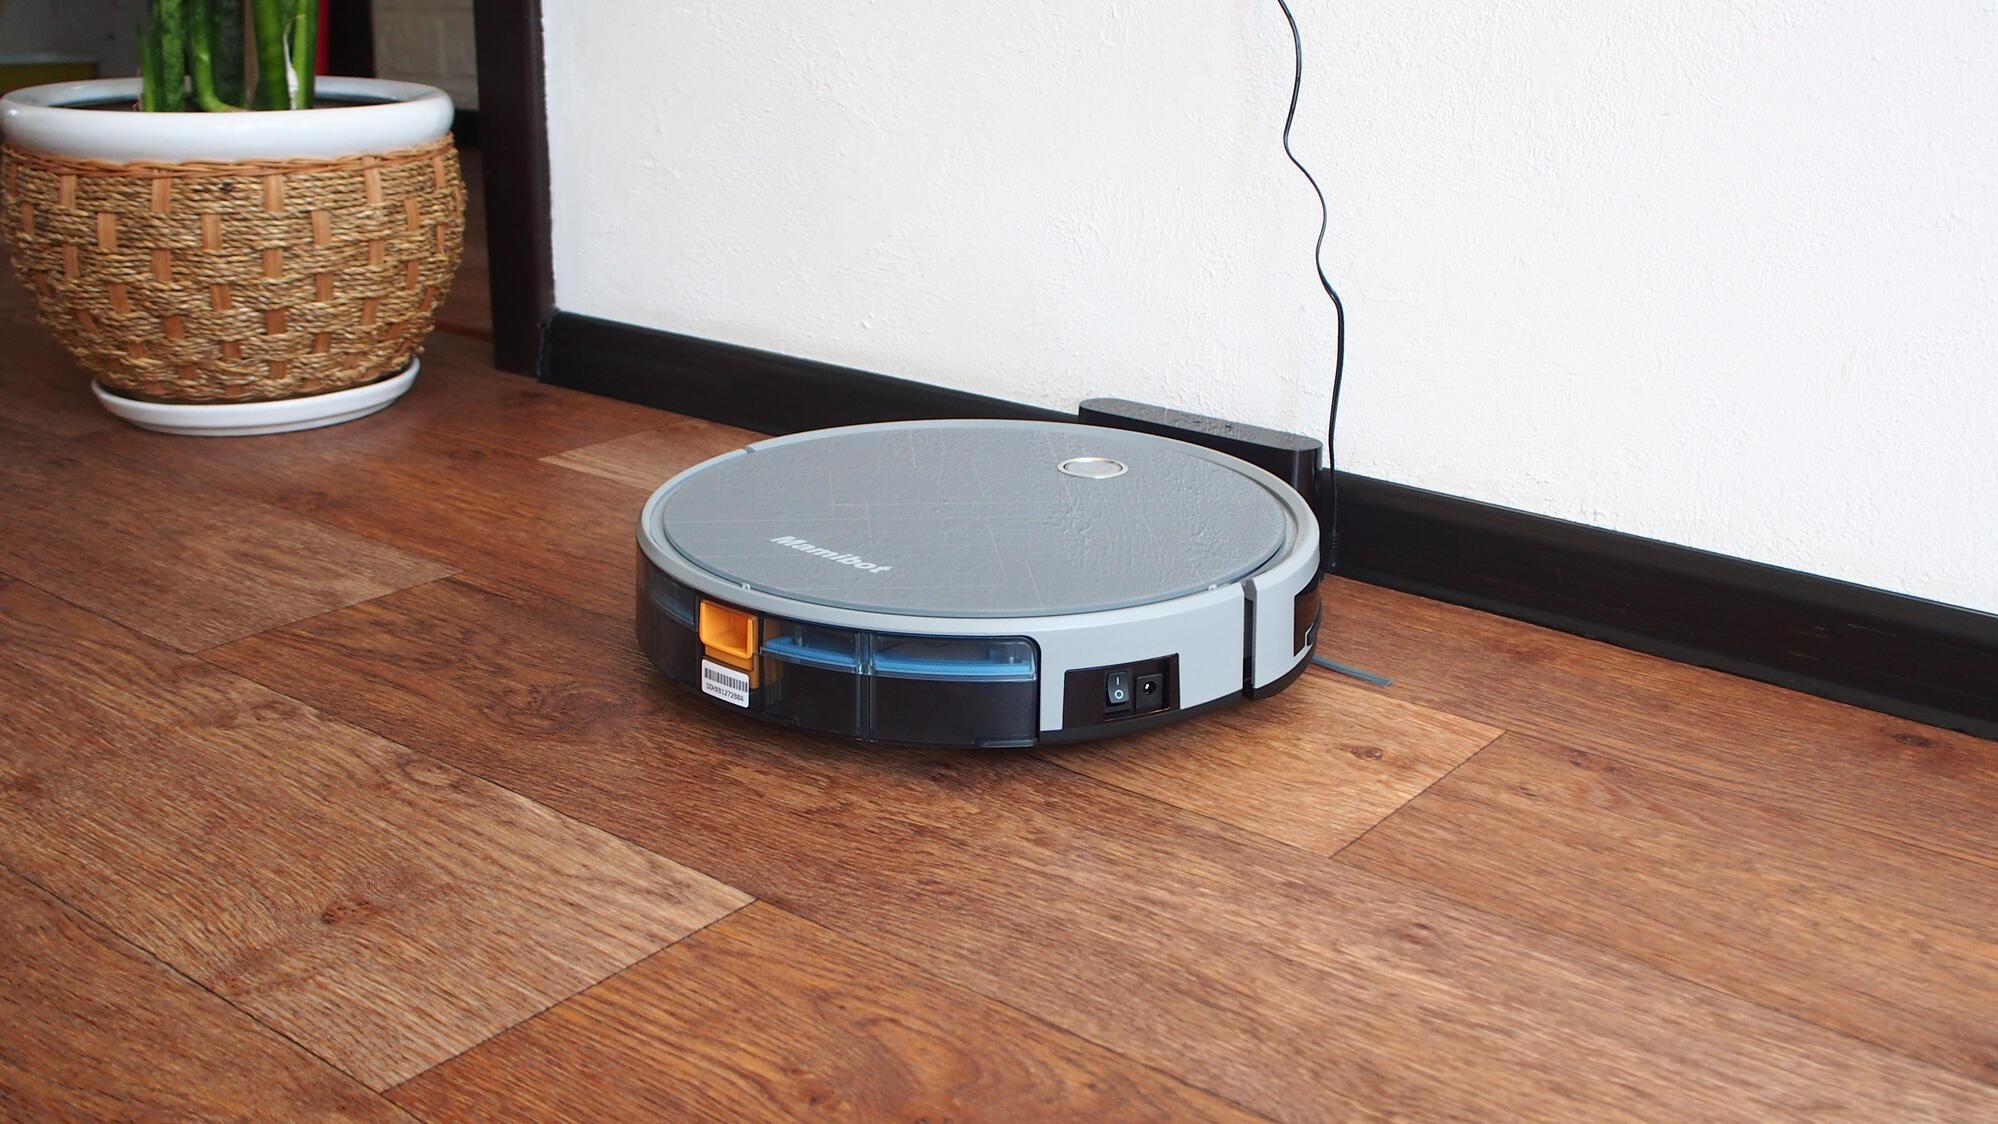 Bytovaya Tehnika - Obzor pylesosa-robota Mamibot EXVAC660. My AutoMating Ideas